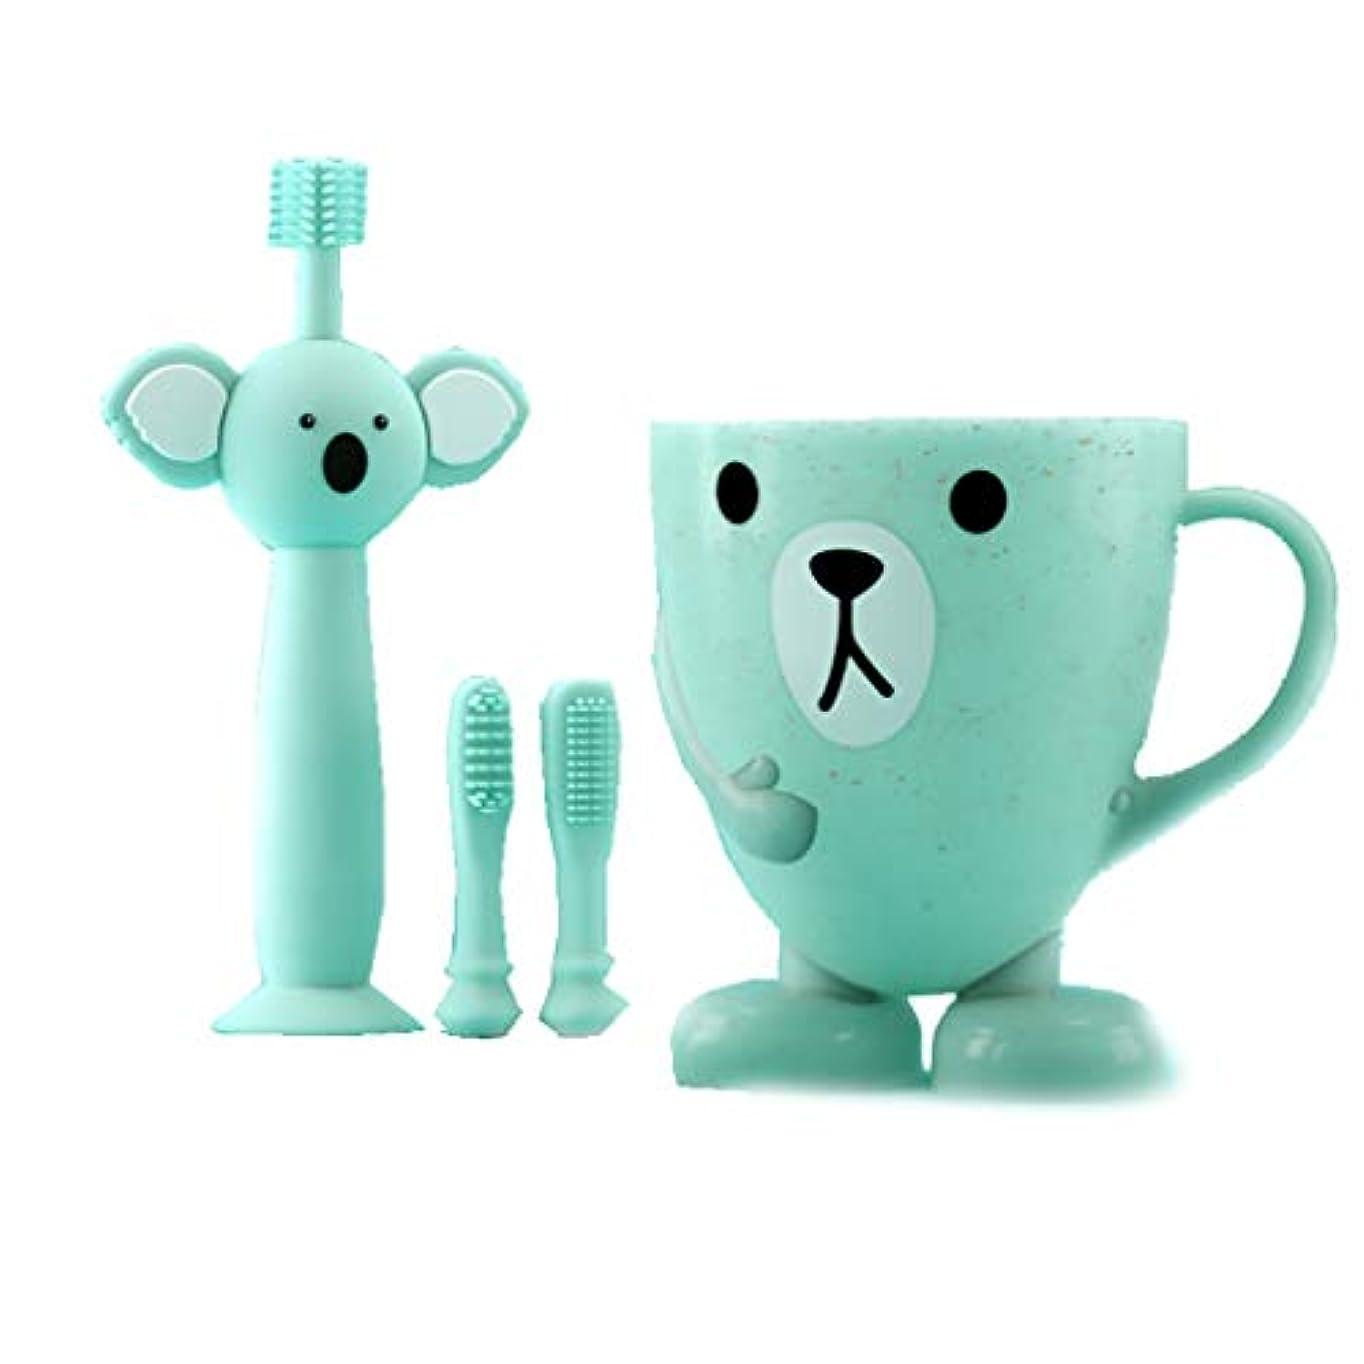 襟スパイラル玉ねぎ赤ちゃんの歯ブラシの子供、360度きれいな柔らかい髪、慎重に選択されたシリコーン材料、歯をきれいにしながら歯茎をマッサージします。 (色 : B)